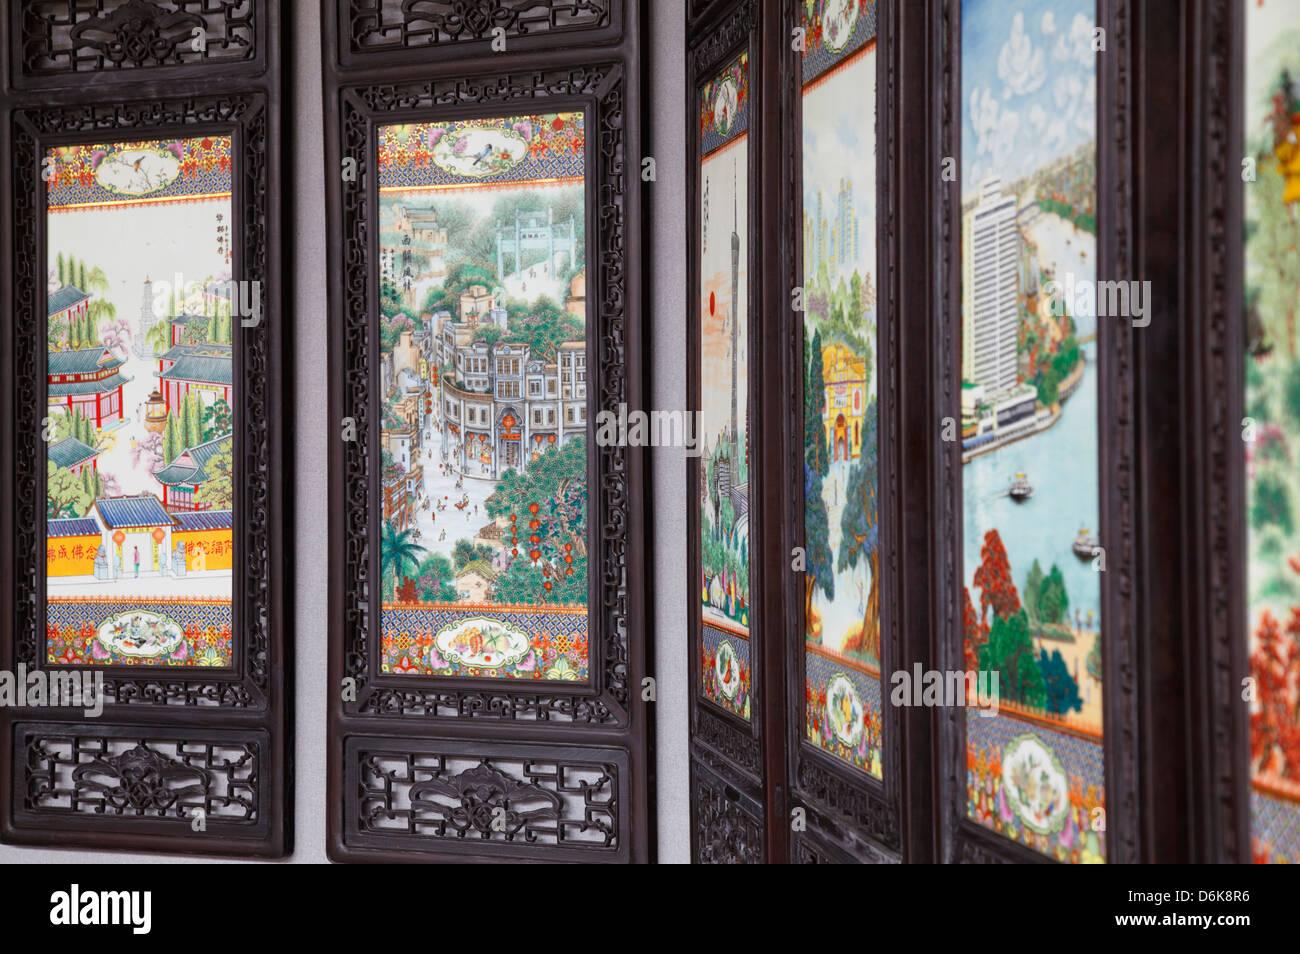 Schermate di decorazione all'Accademia del Clan Chen, Guangzhou, Guangdong, Cina e Asia Immagini Stock